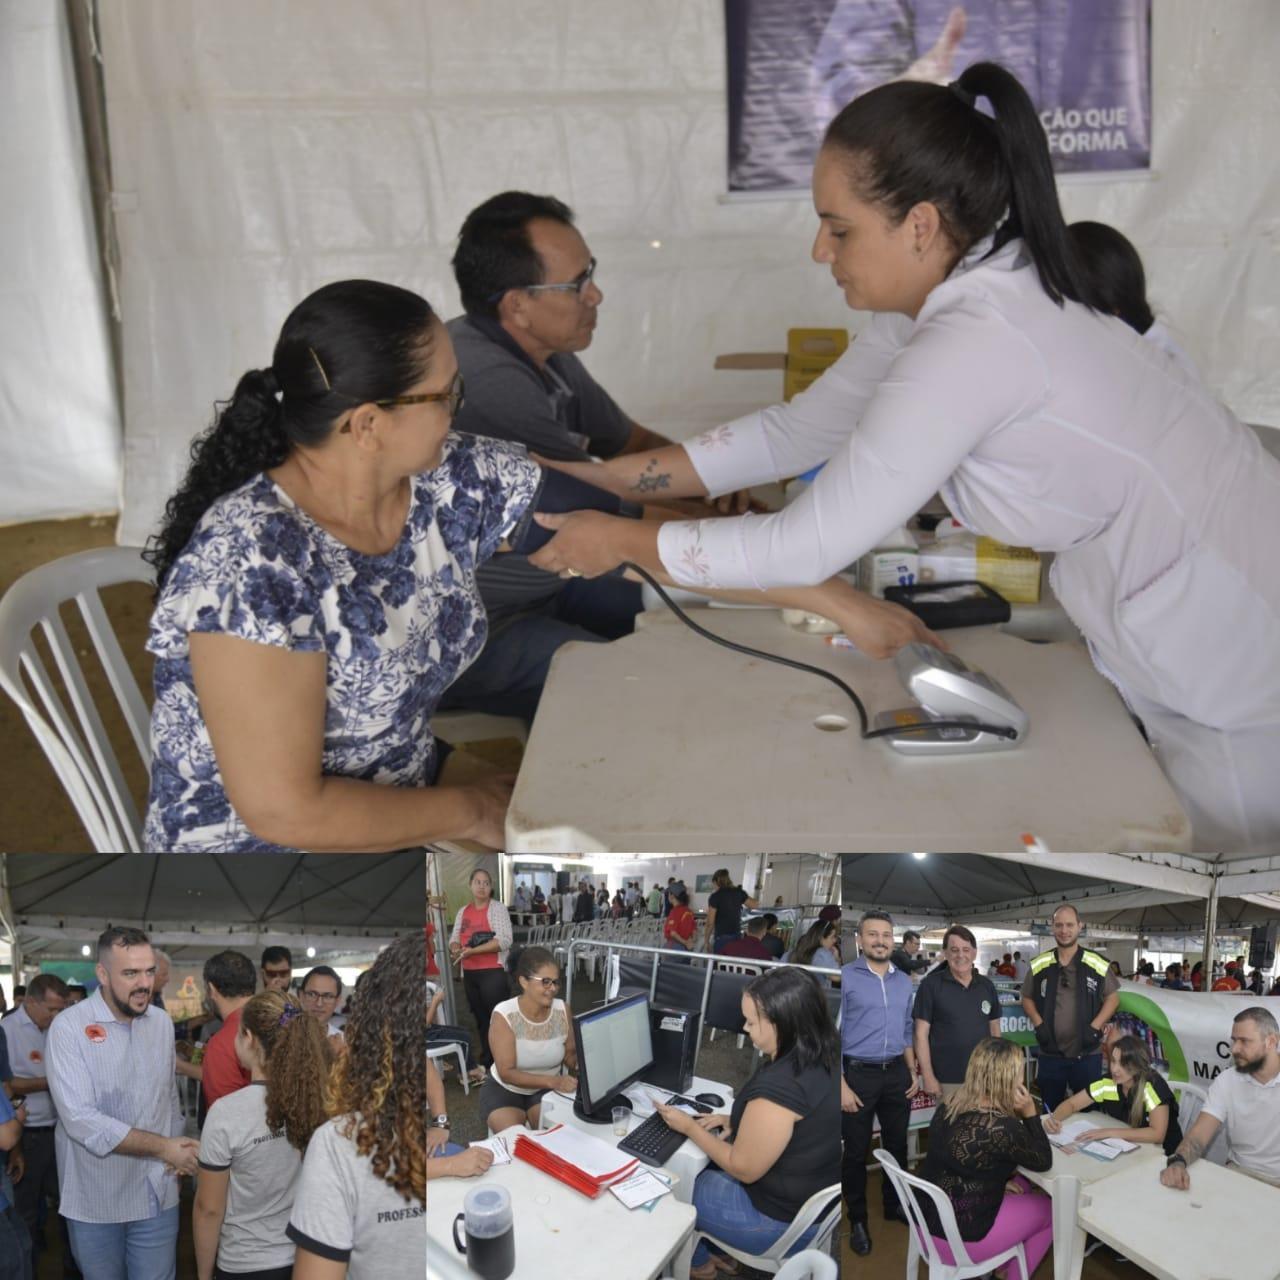 Prefeitura em Ação leva mais de 130 tipos de serviços à região do Residencial Caraíbas